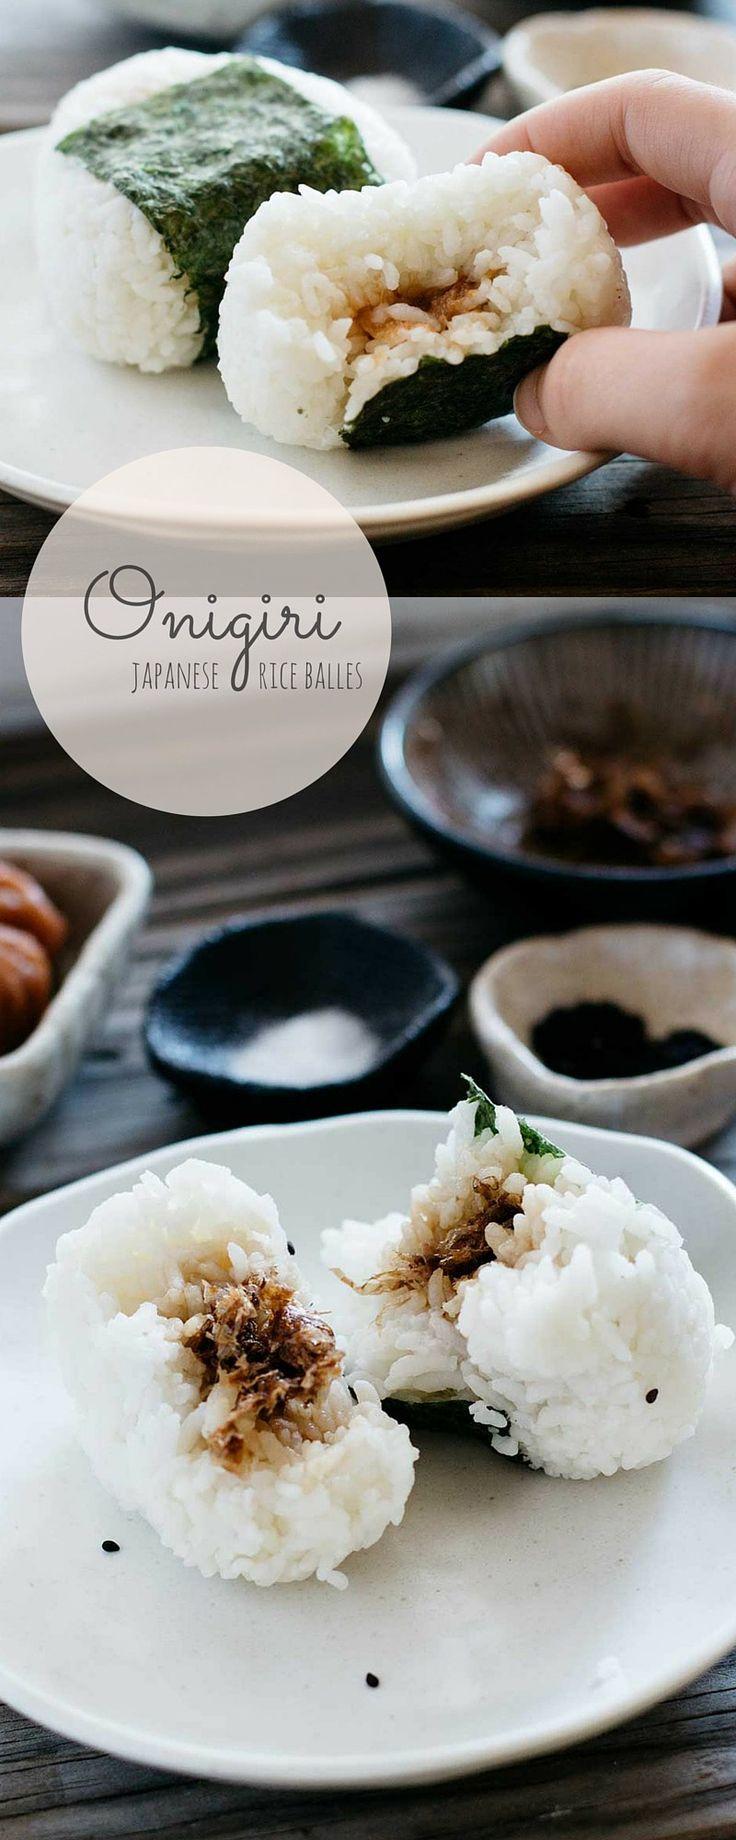 Japanese rice balls Onigiri